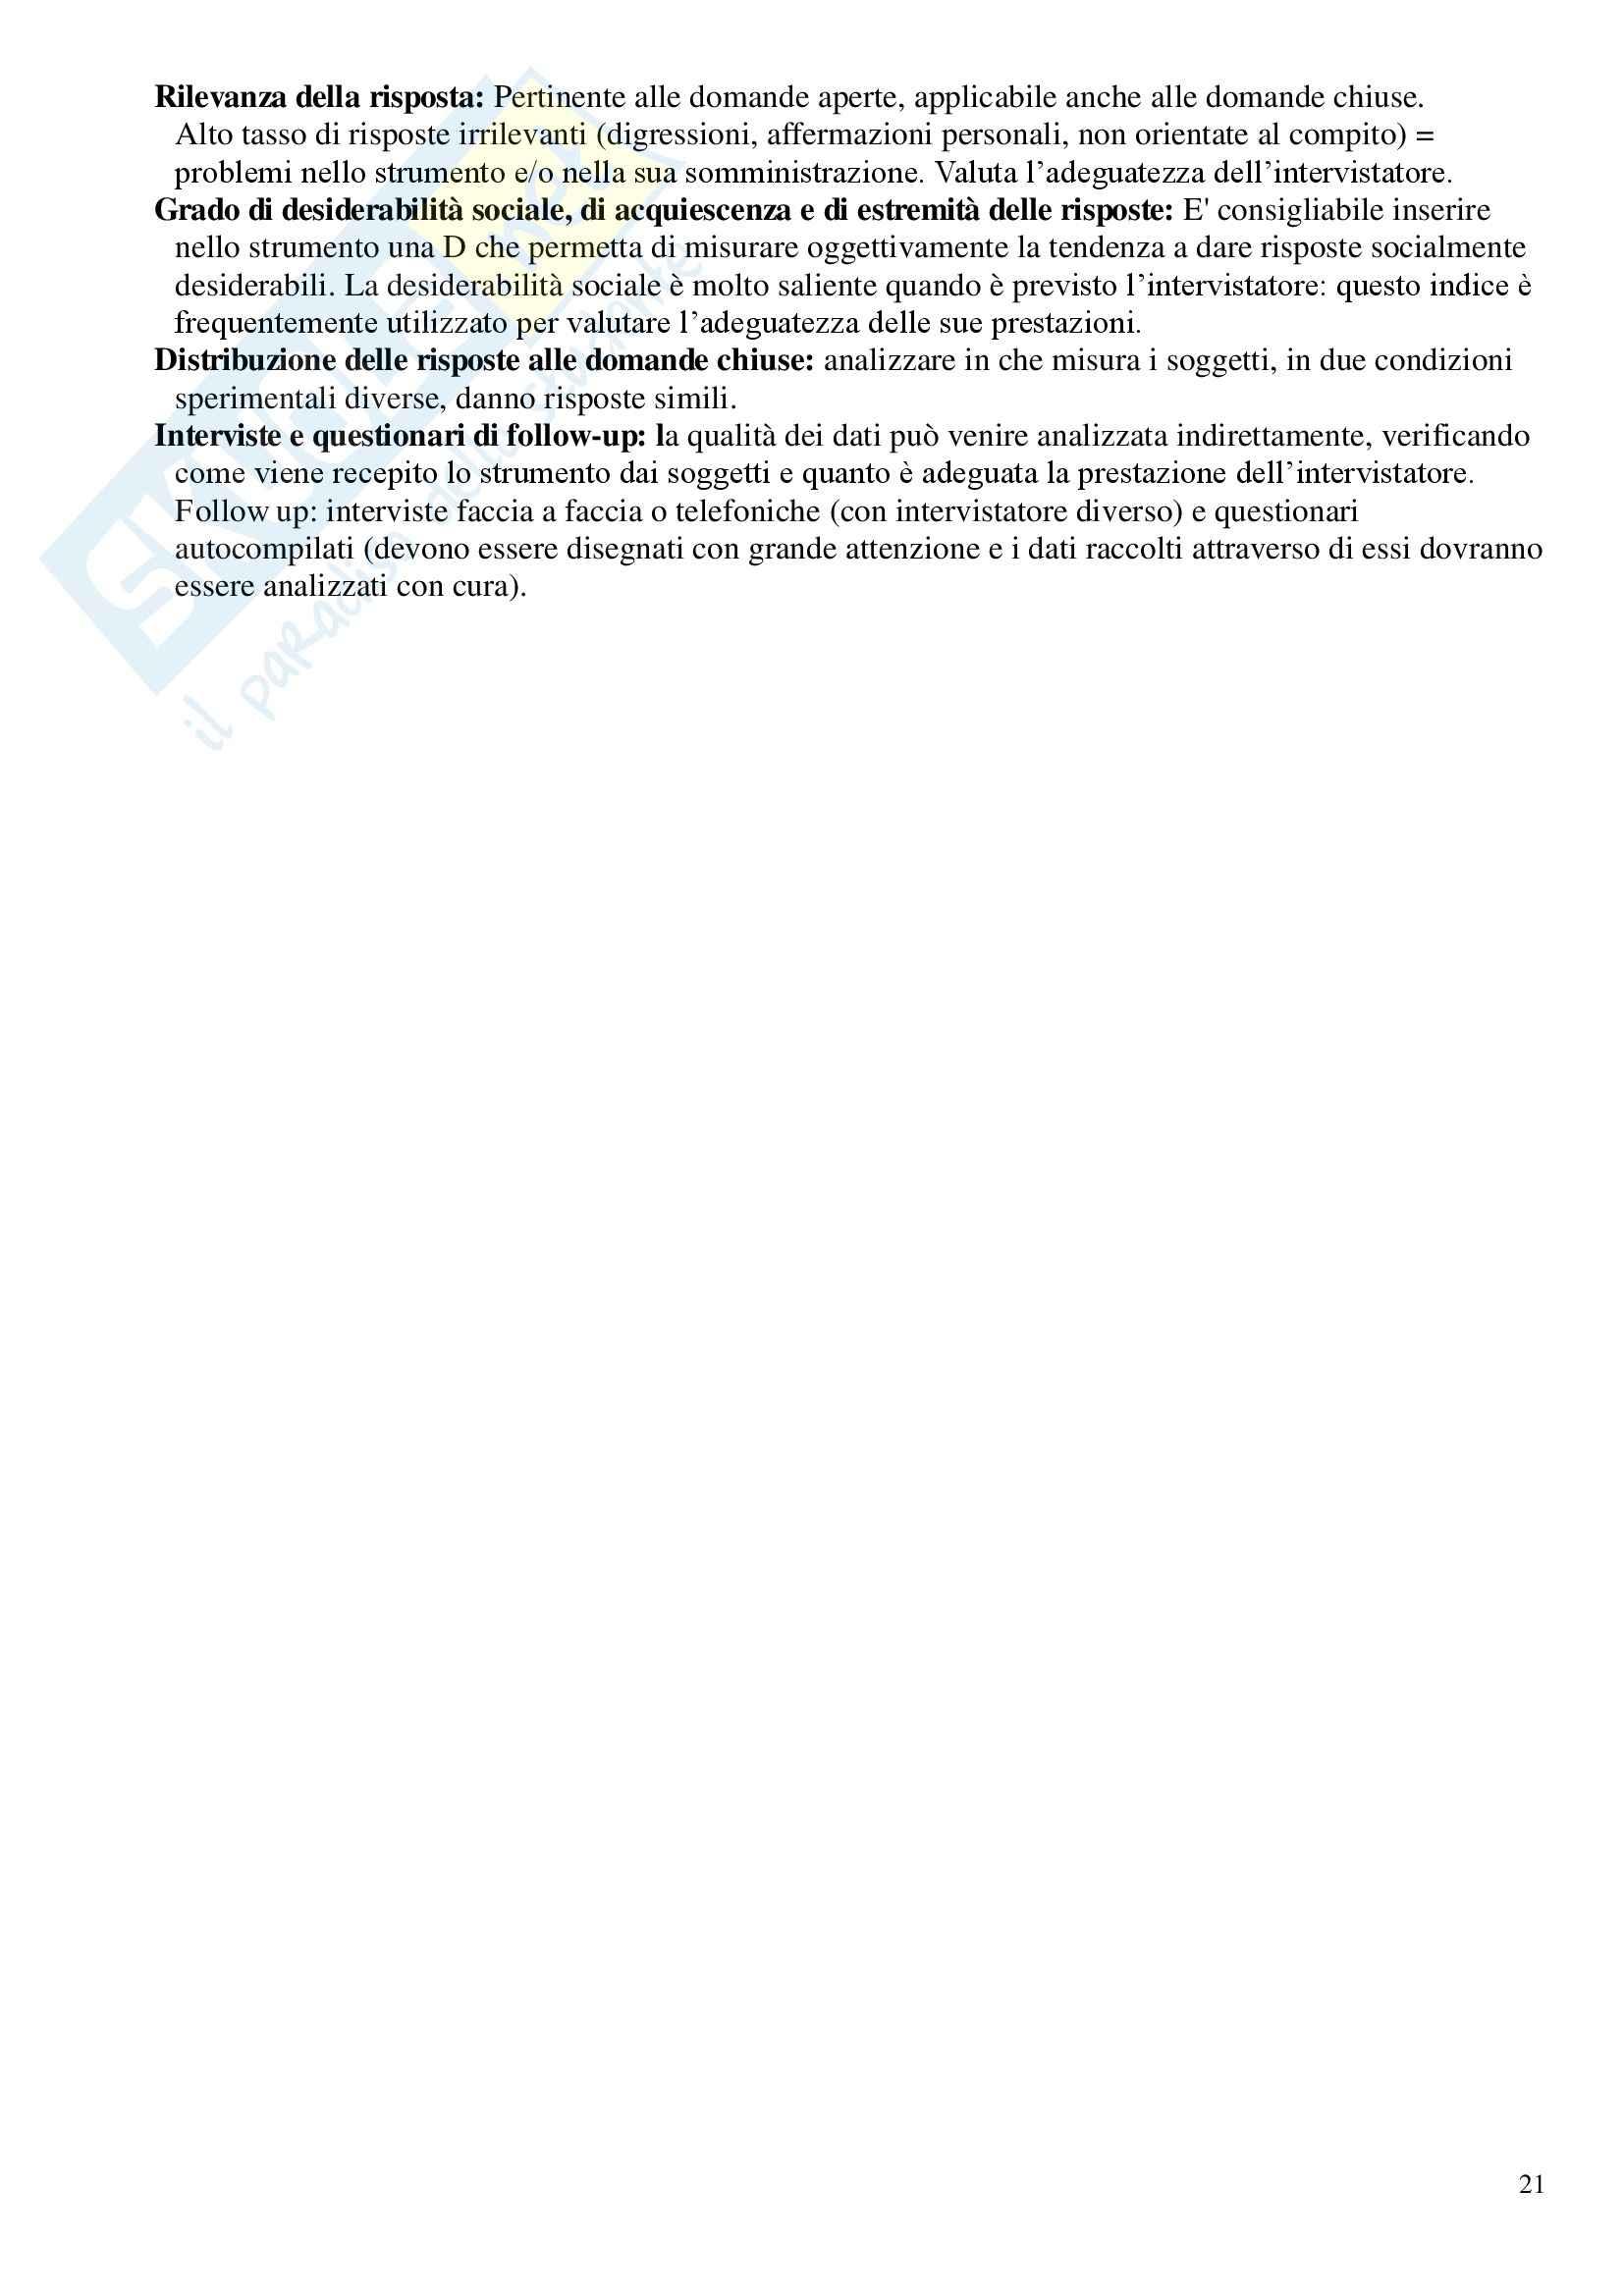 Riassunto esame Tecniche dell'intervista e del questionario, prof. Zammuner Pag. 21